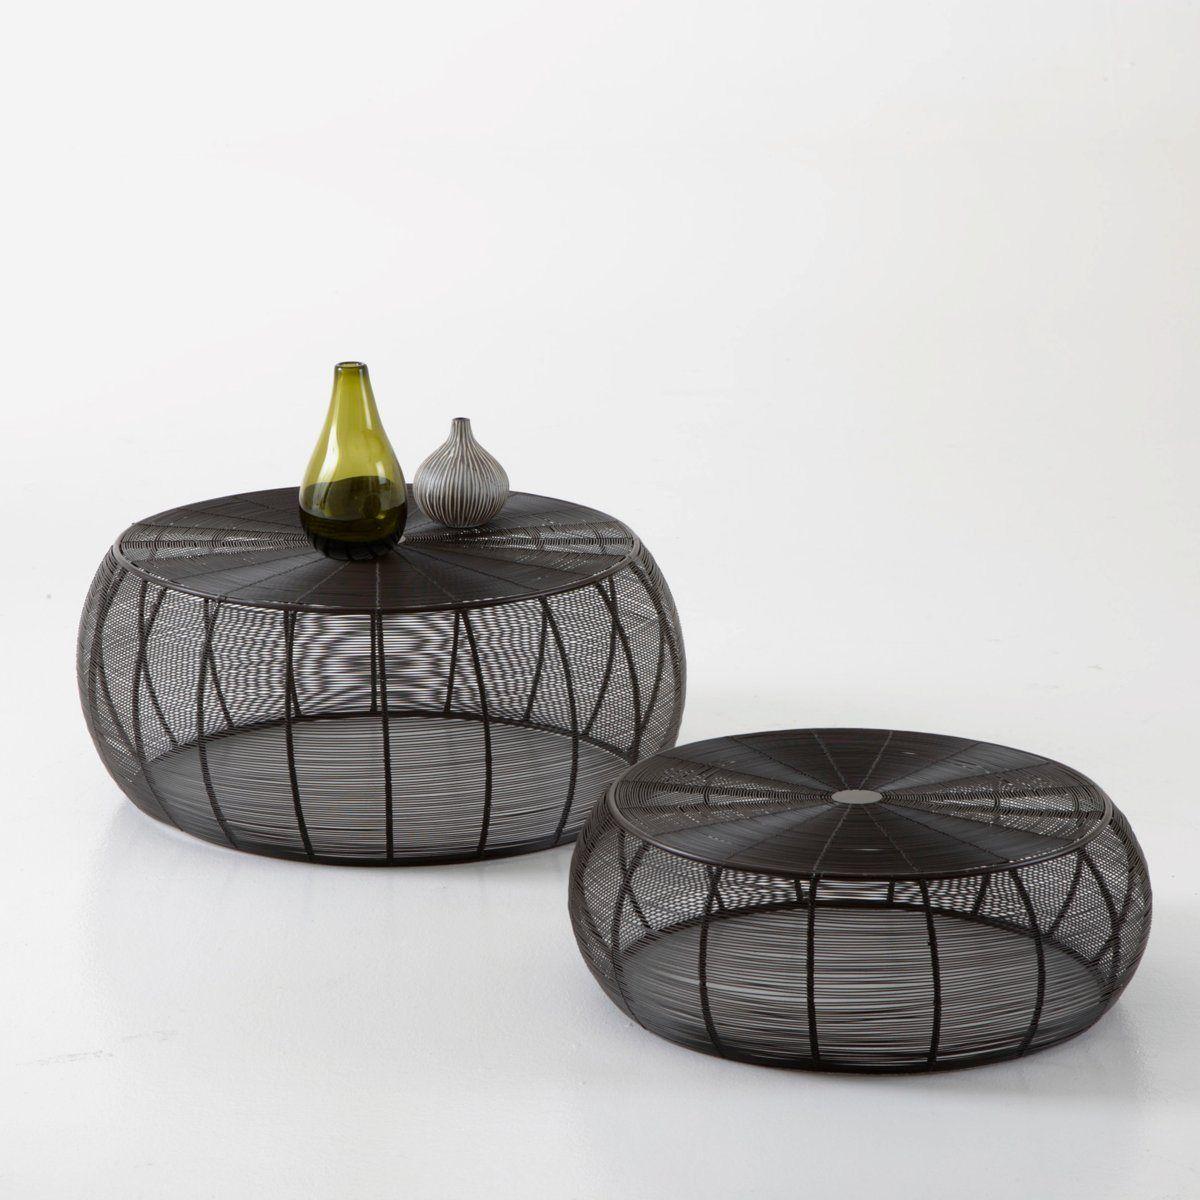 Table basse ronde acier filaire lot de 2 autre 249 euros - Table ronde la redoute ...